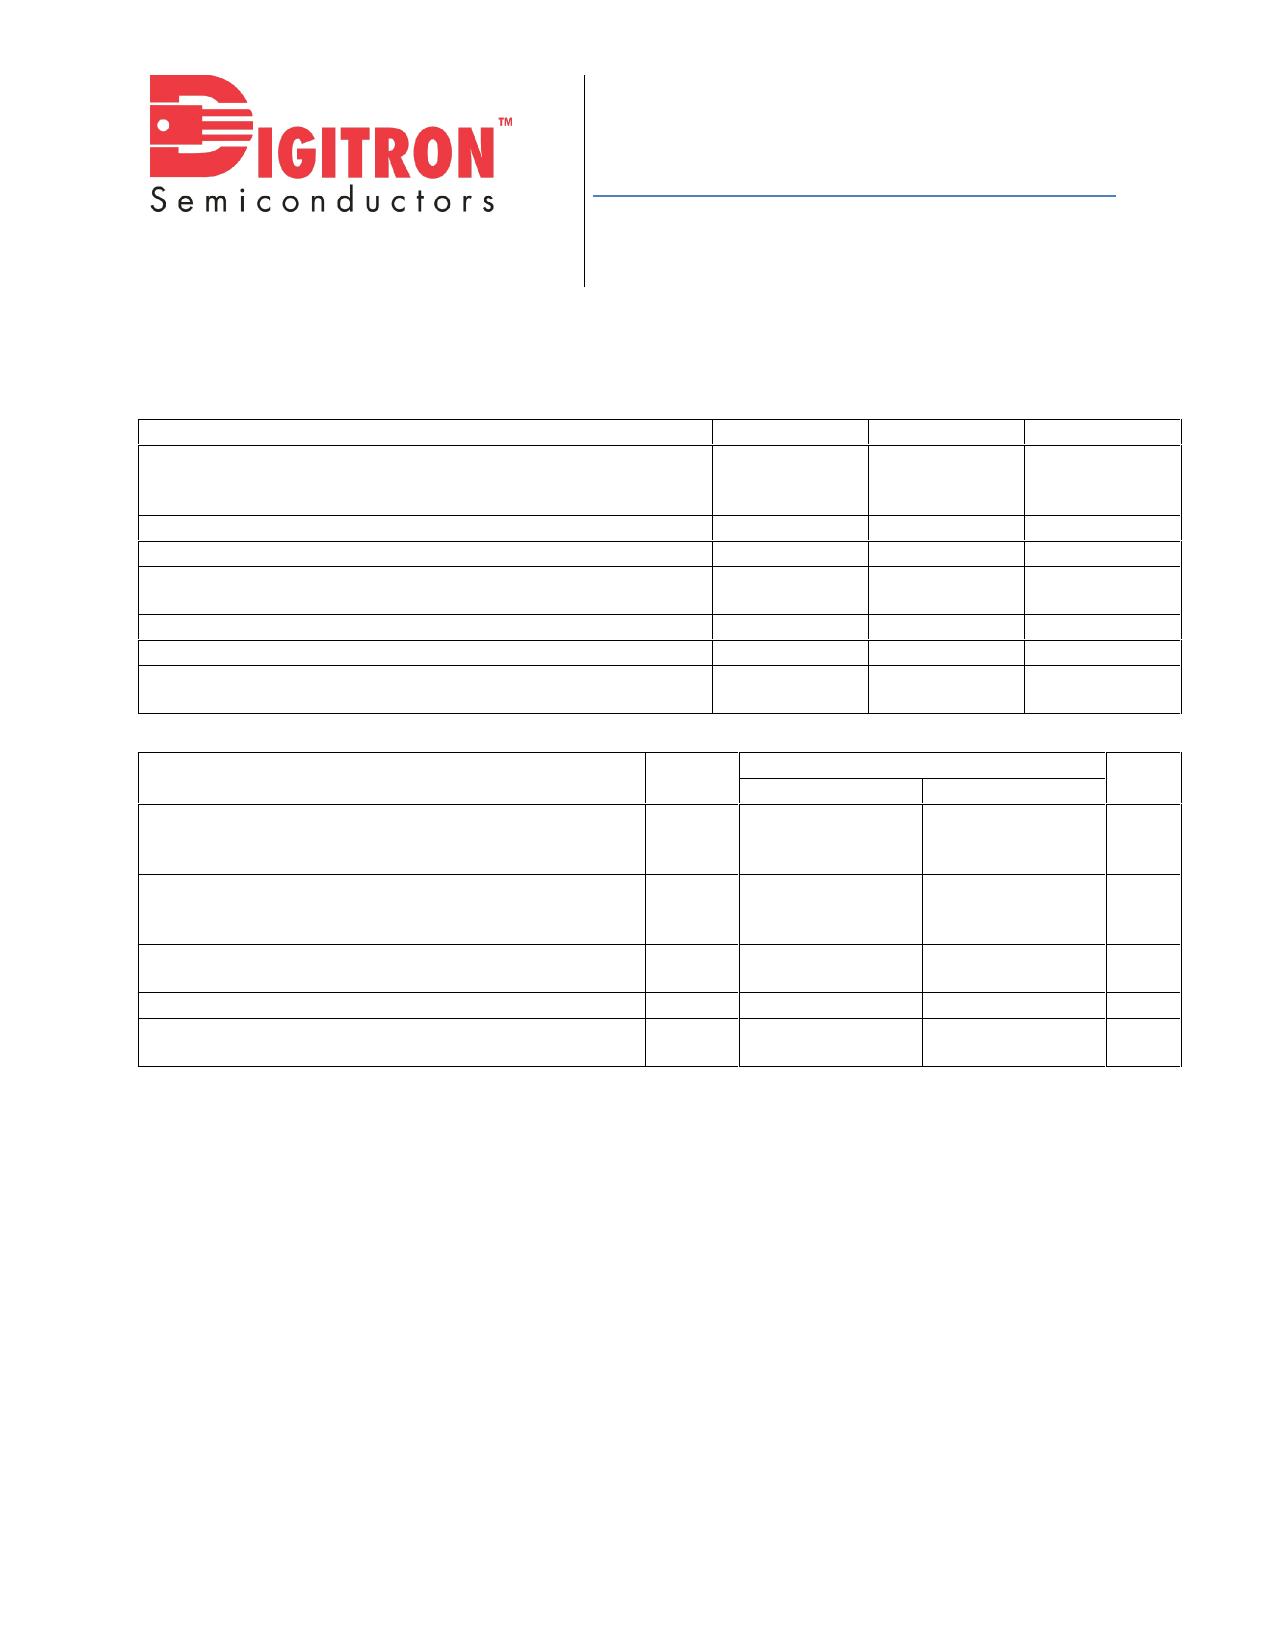 MR10120E 데이터시트 및 MR10120E PDF